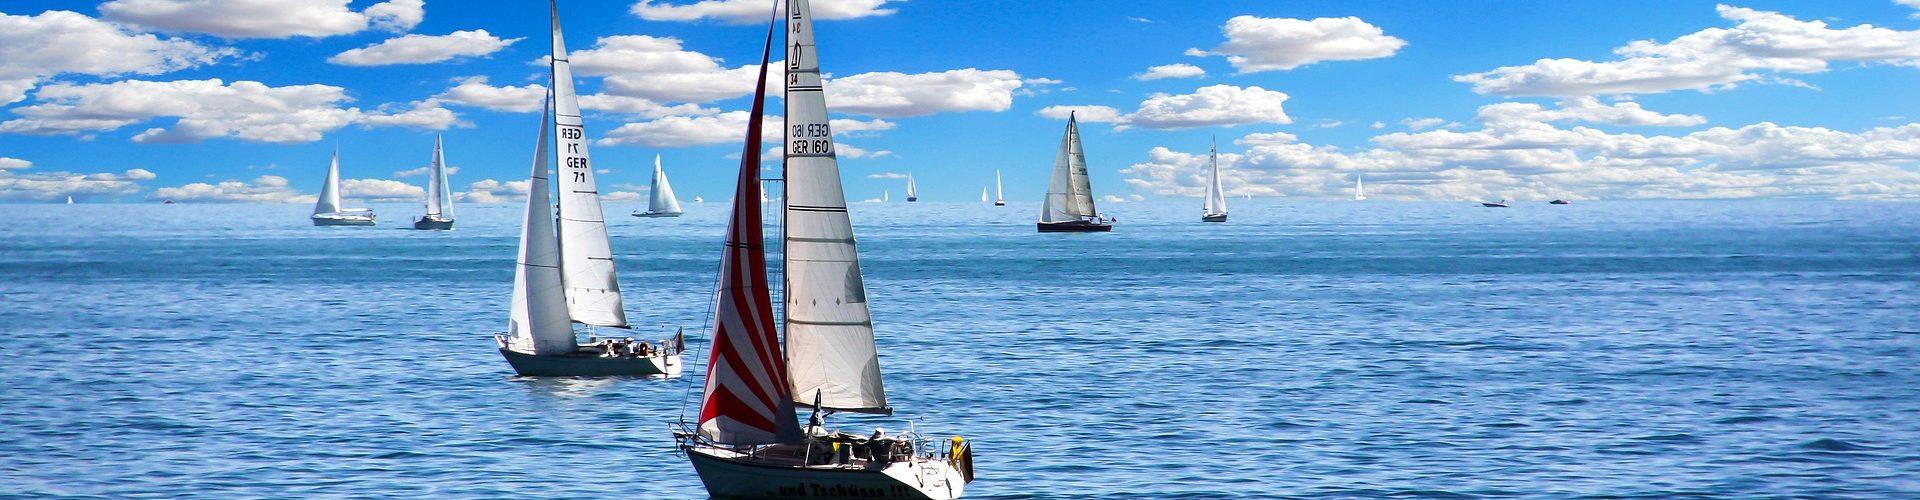 segeln lernen in Winningen segelschein machen in Winningen 1920x500 - Segeln lernen in Winningen